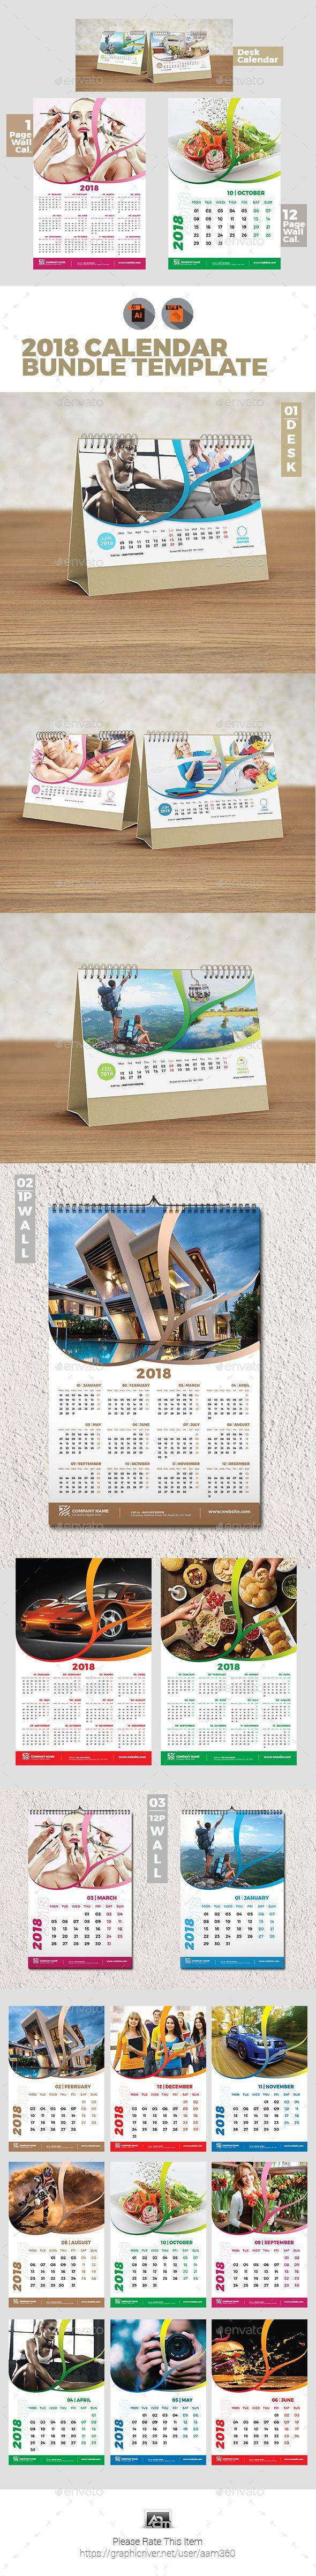 Best Calendar Templates Images On   Calendar